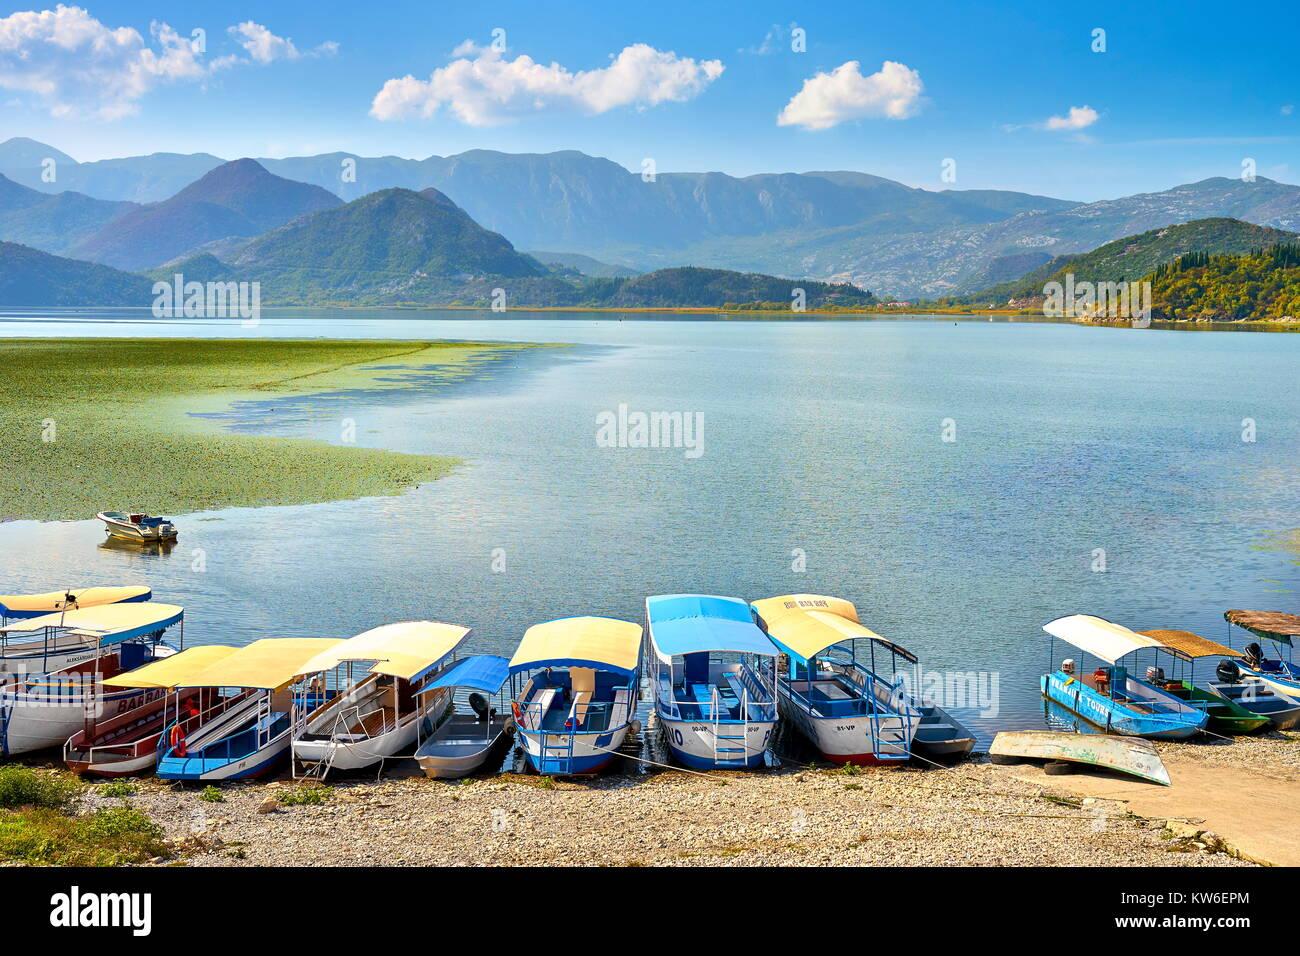 Des bateaux d'Excursion attendent les touristes, le lac de Skadar, Monténégro Photo Stock